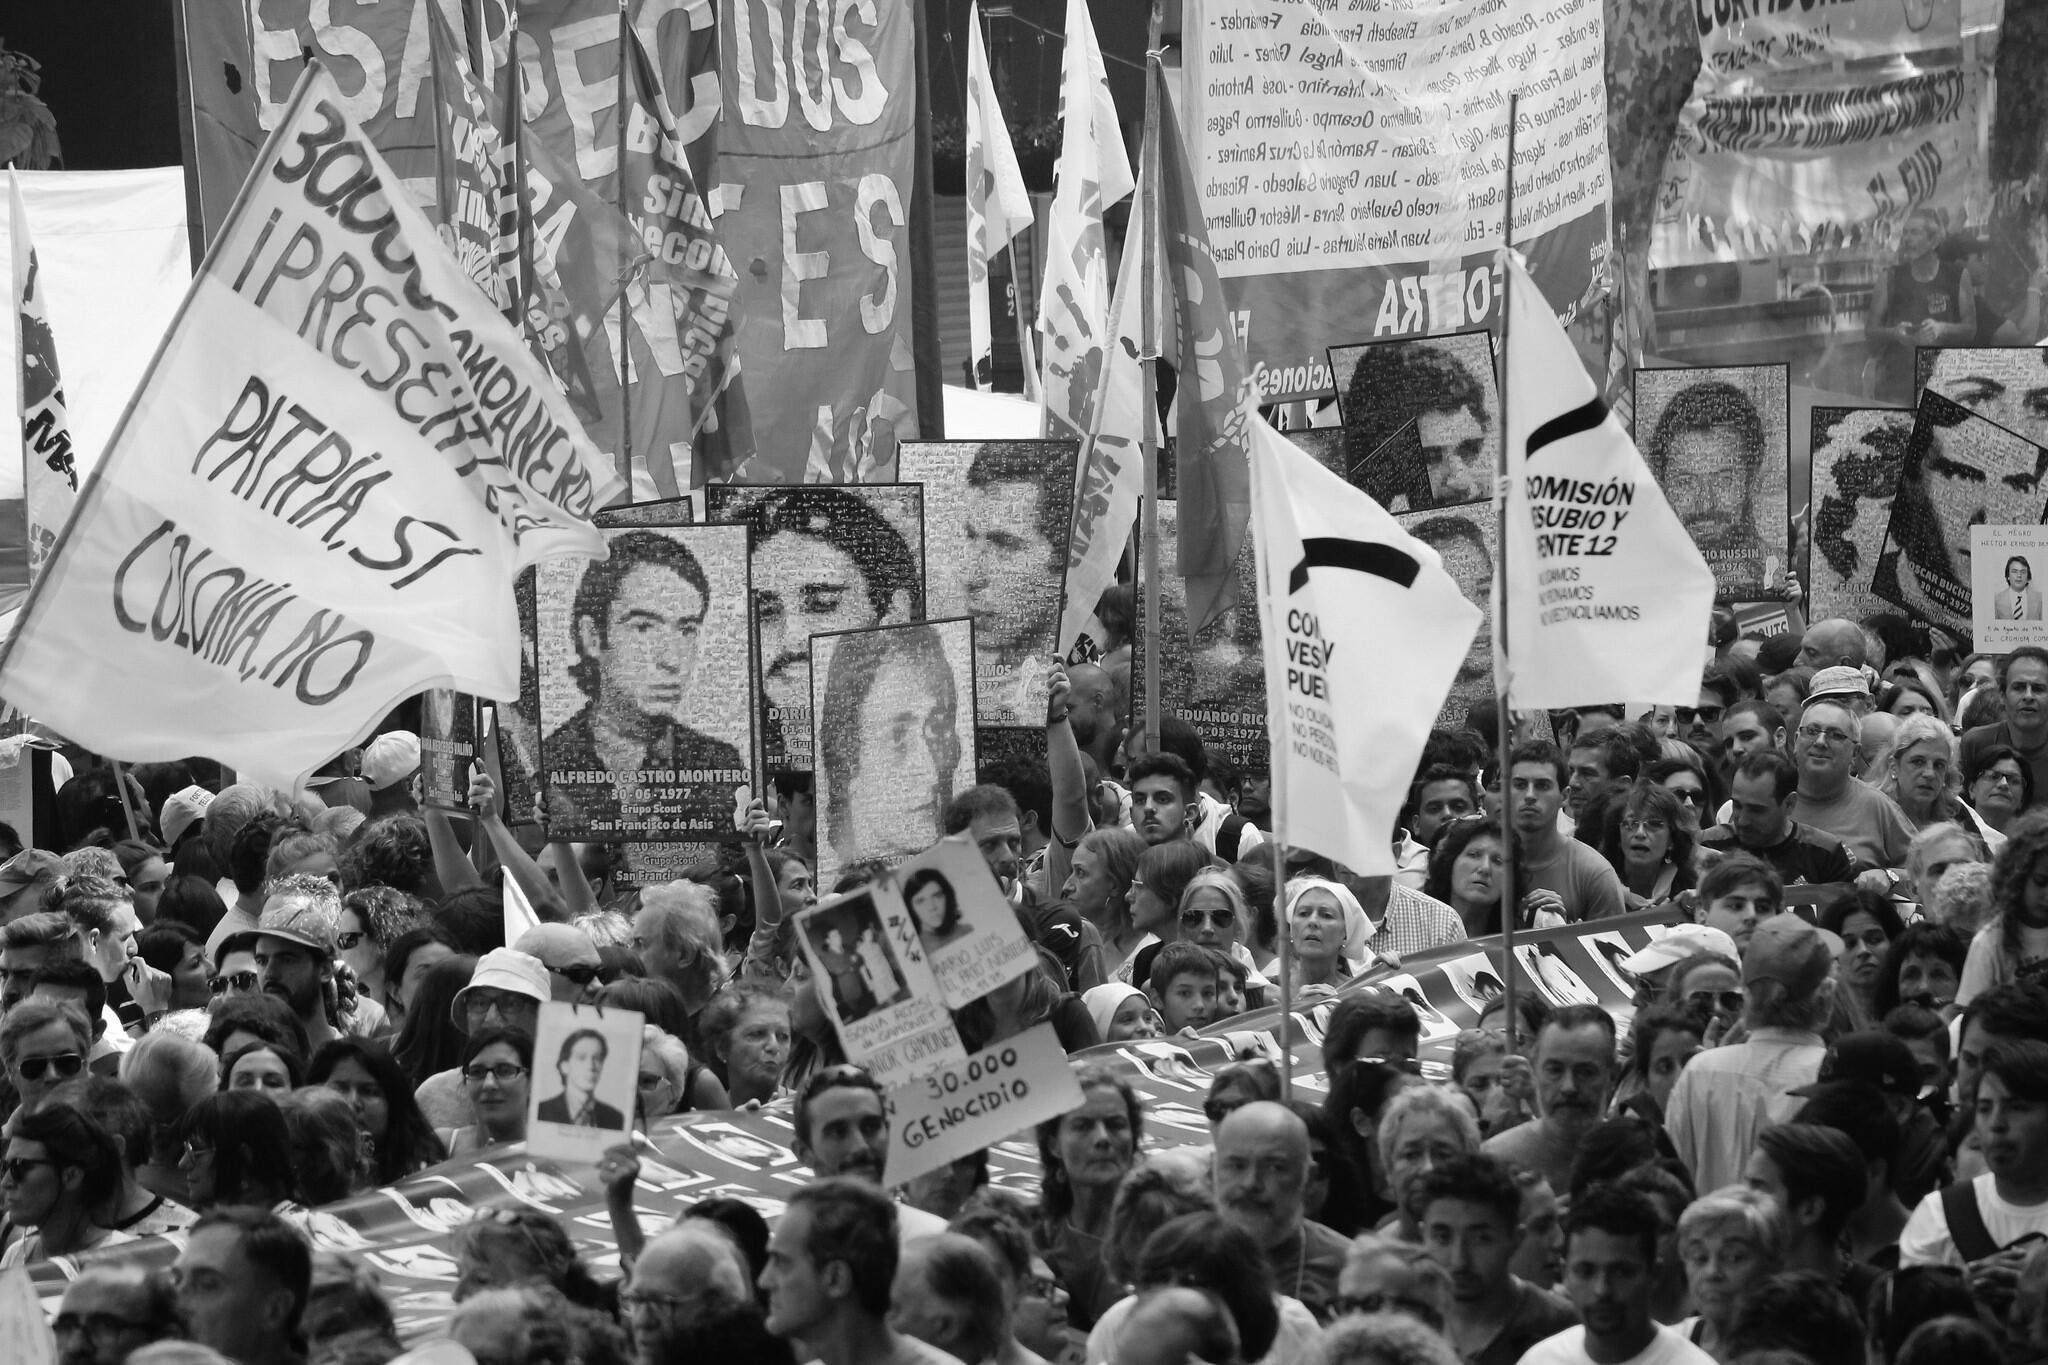 Marcha en Buenos Aires por la Memoria Verdad y Justicia a 41 años del golpe de Estado de 1976 en Argentina, el 24 de marzo de 2017.